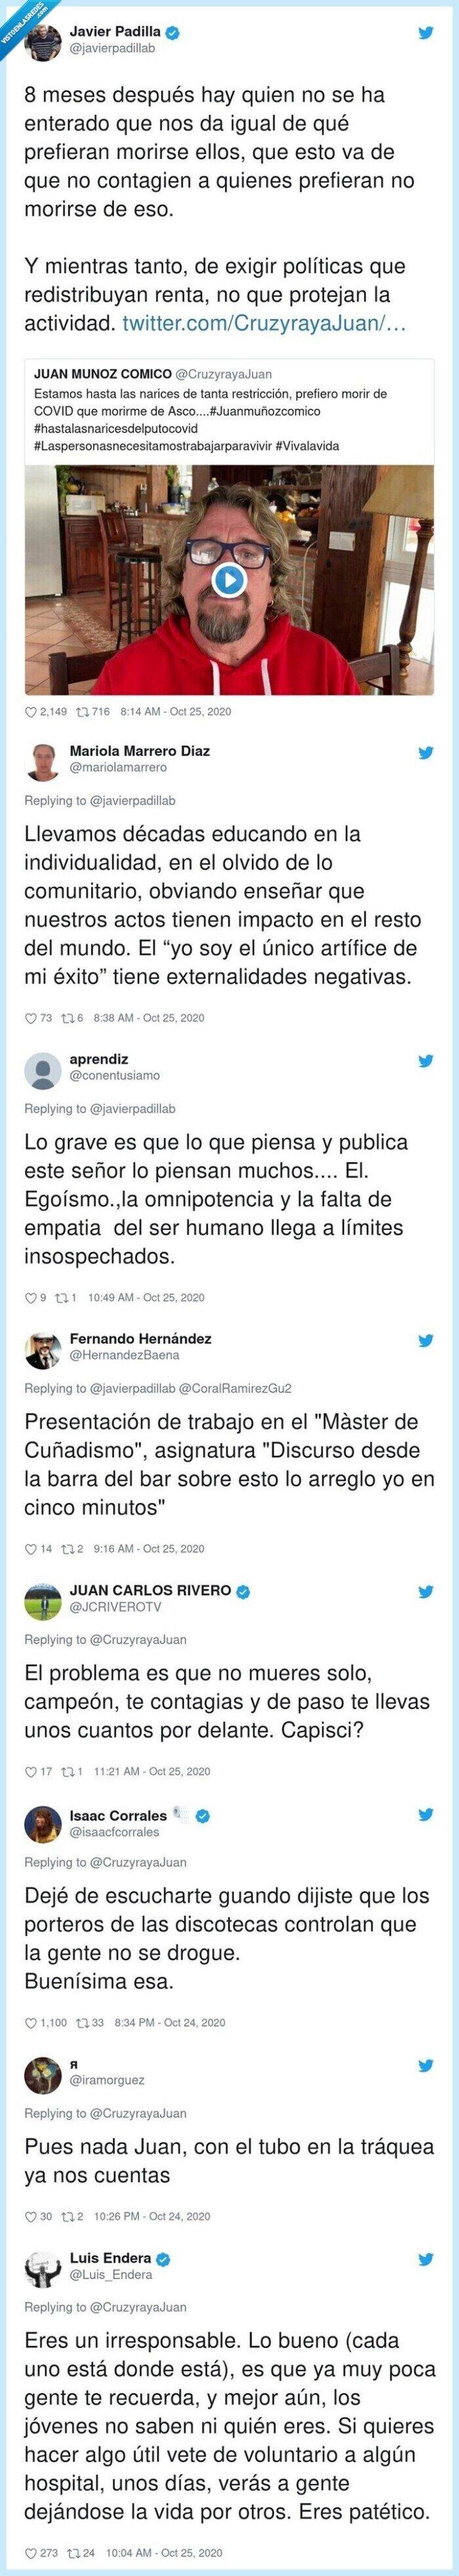 726338 - Un médico se gana el aplauso de Twitter por dejar en evidencia a Juan Muñoz (Cruz y Raya) respondiendo a su peligroso mensaje contra las restricciones por covid, por @javierpadillab